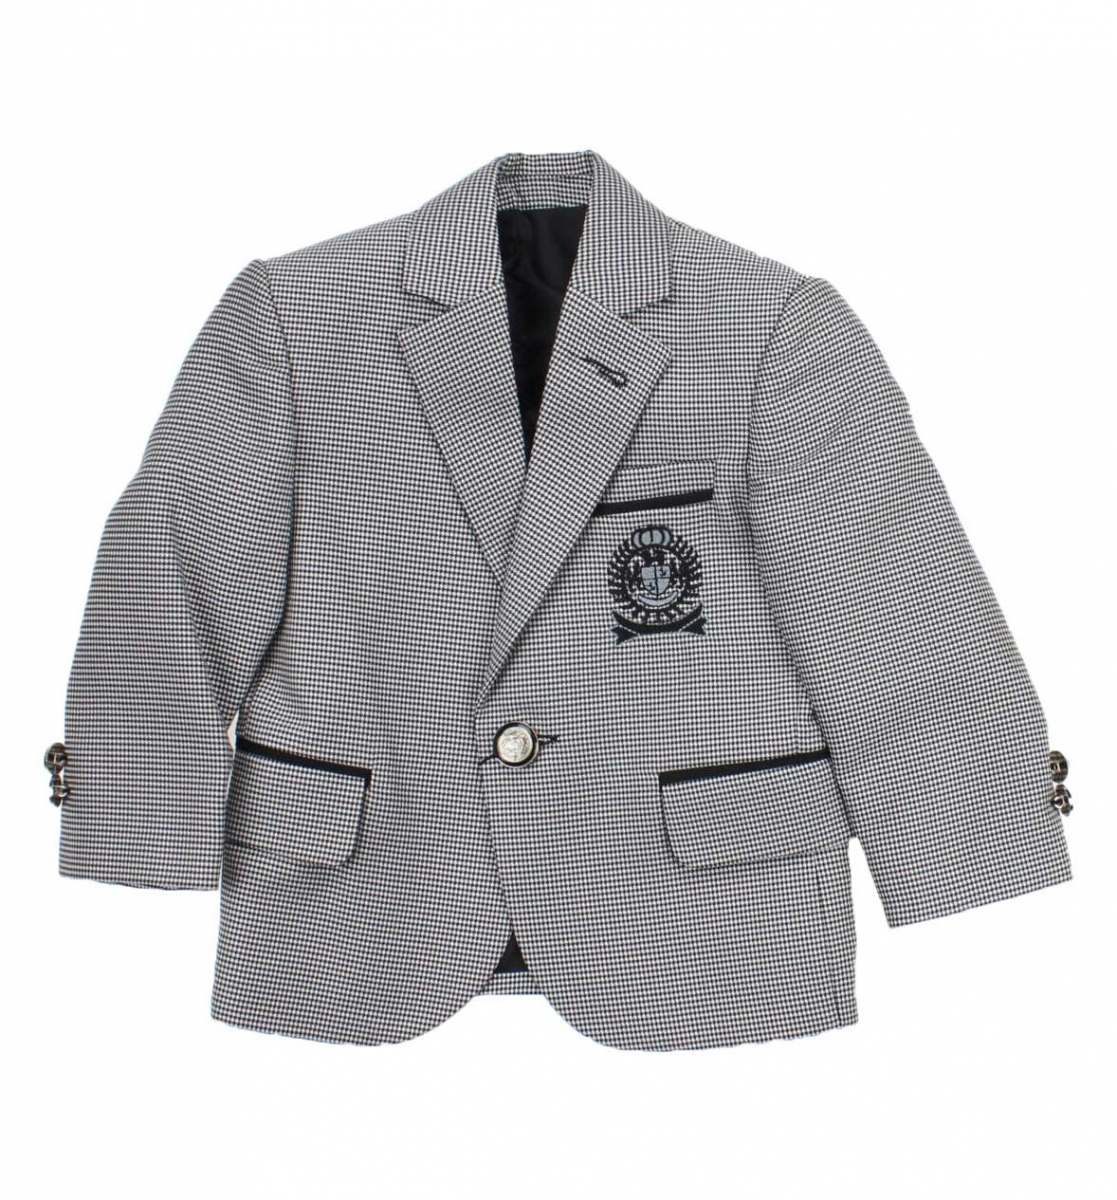 Modakids Erkek Çocuk Kravatlı Ceketli Takım 037-206301-011